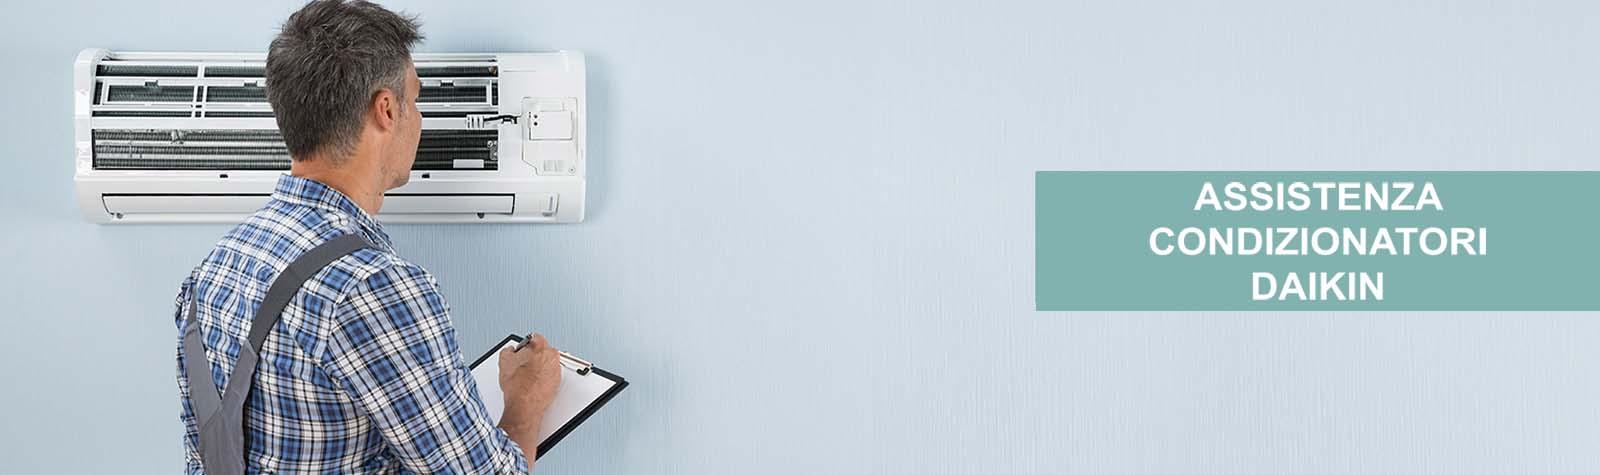 Condizionatori Daikin Montecompatri - Contattaci per un preventivo